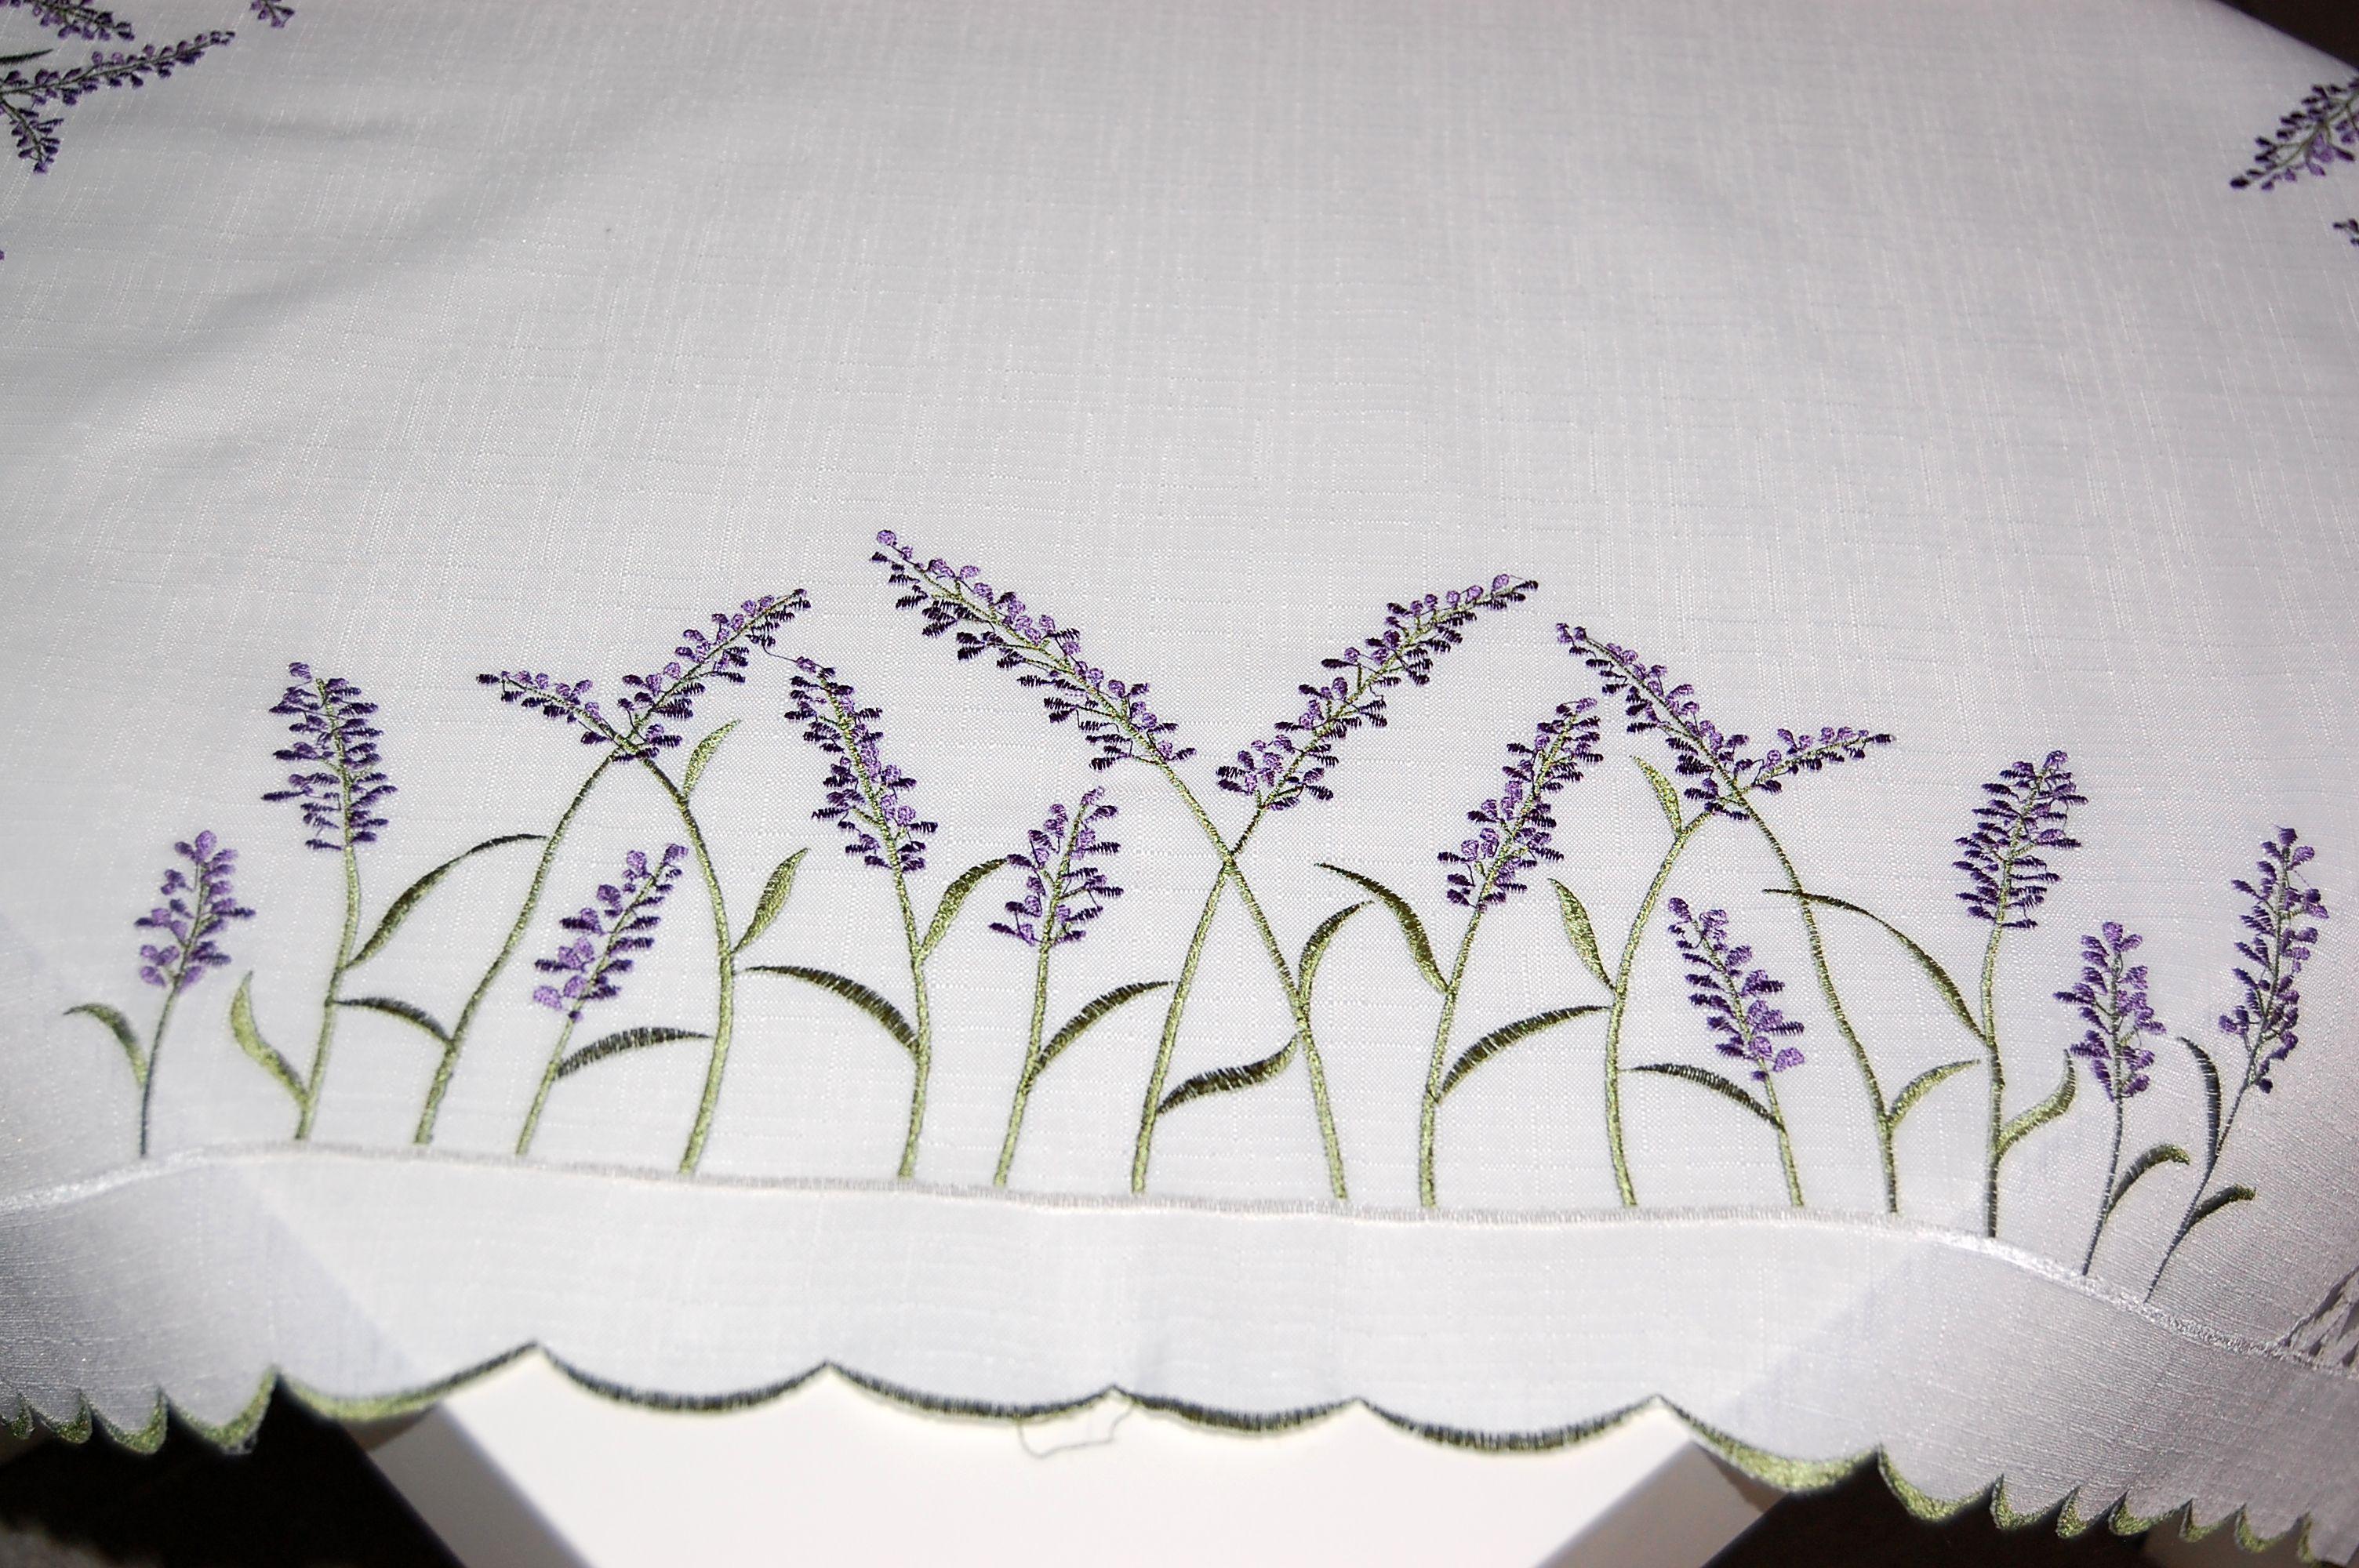 tischdecke 85x85 cm wei lavendel lila gr n mitteldecke kaffeedecke decke eckig ebay. Black Bedroom Furniture Sets. Home Design Ideas